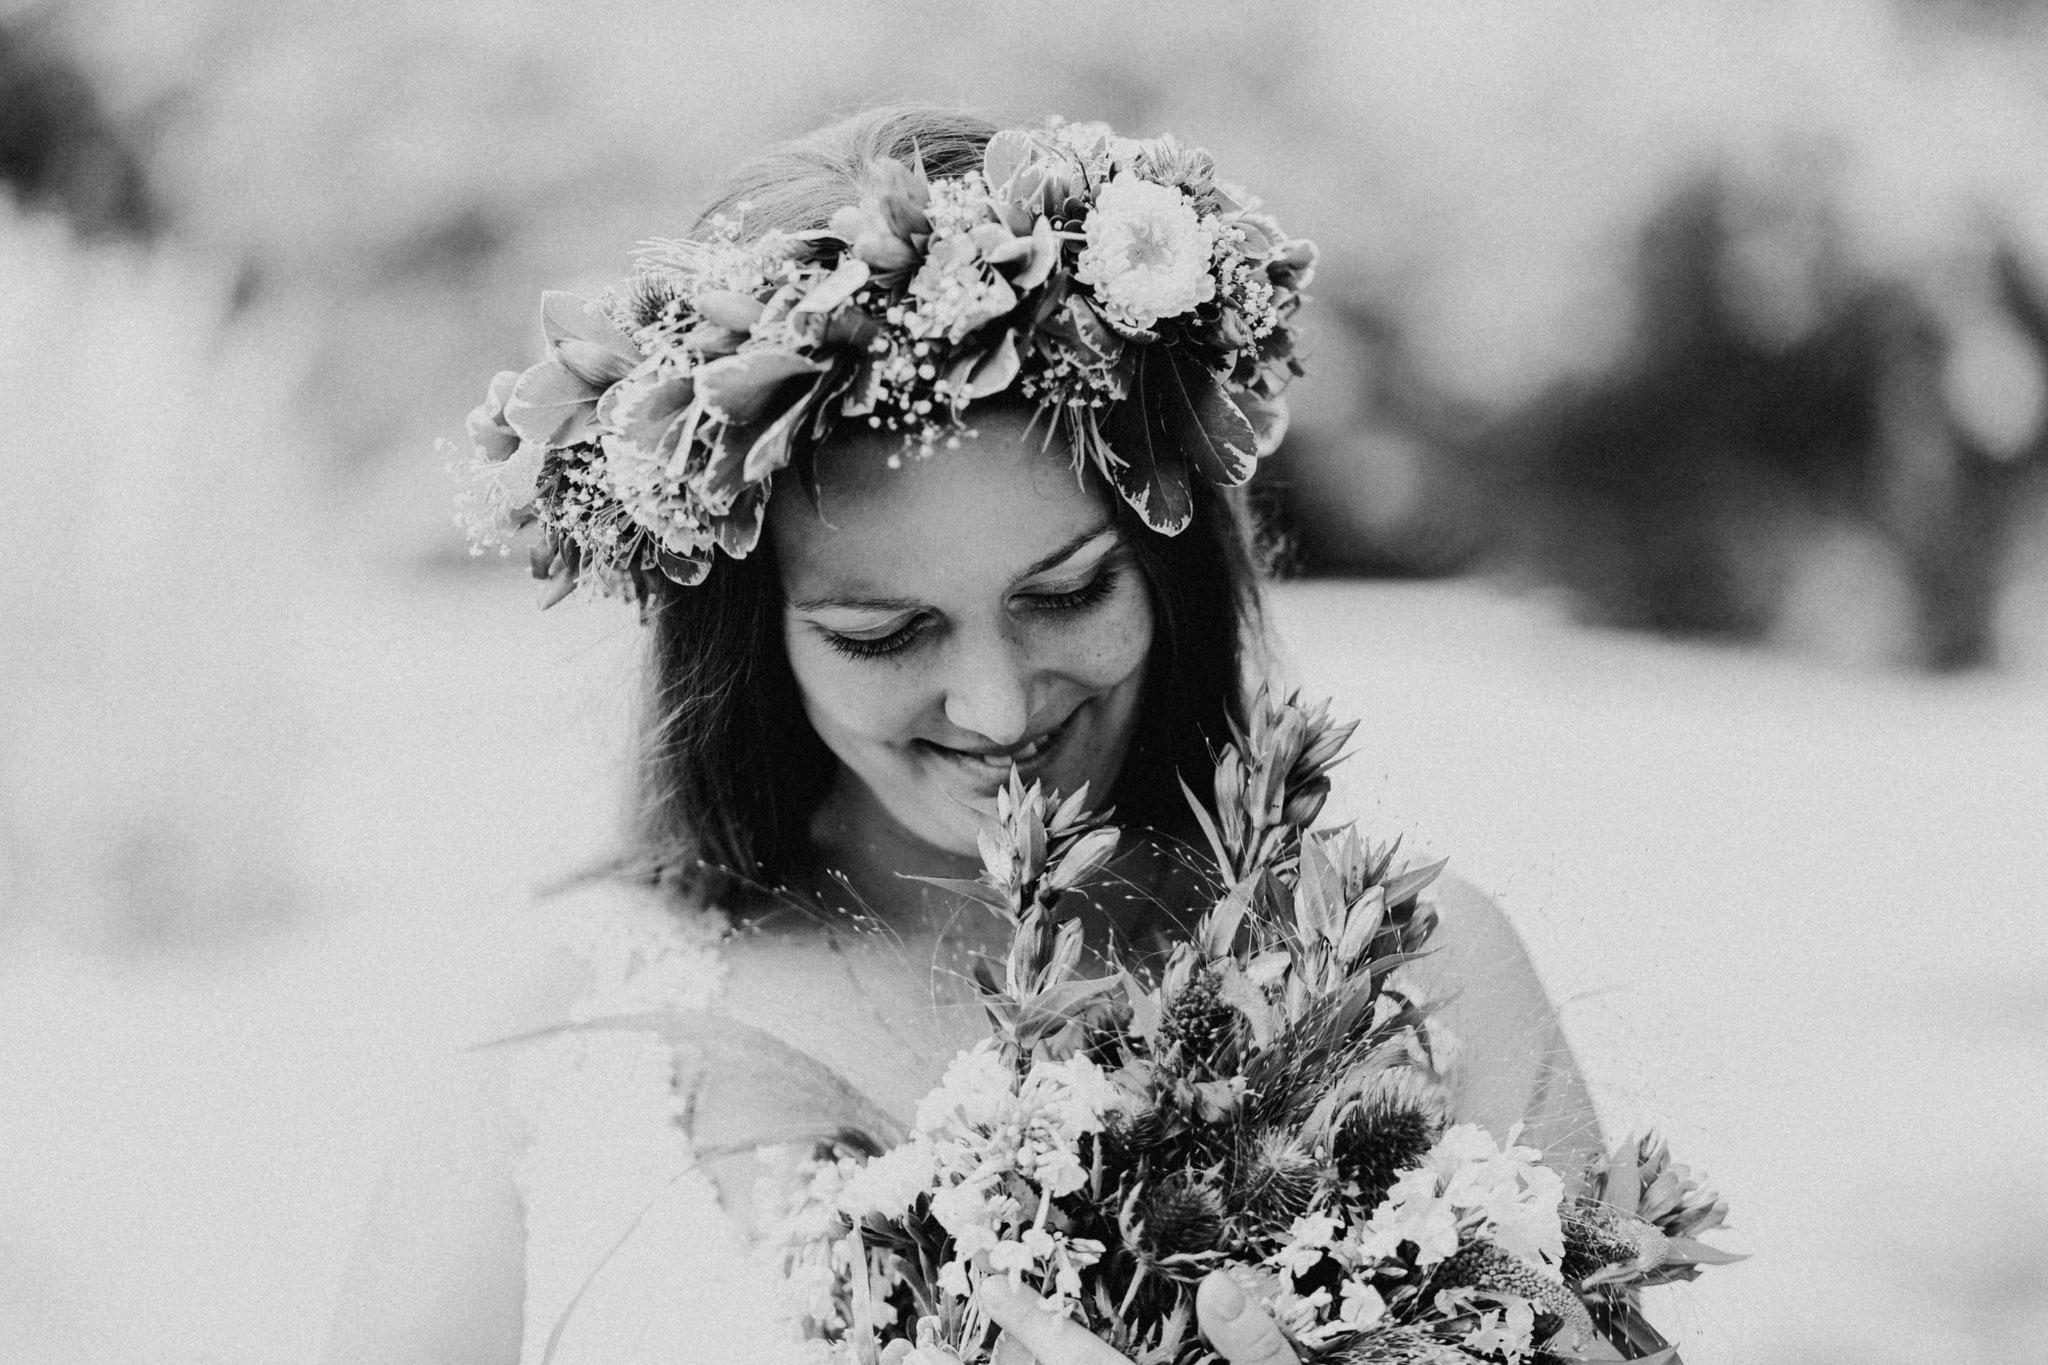 Hochzeitsfotografin Rebecca Adloff Ruhrgebiet, Essen, Düsseldorf, NRW, Oberhausen |Hochzeitsreportage |Hochzeitsfotos | Paarshooting